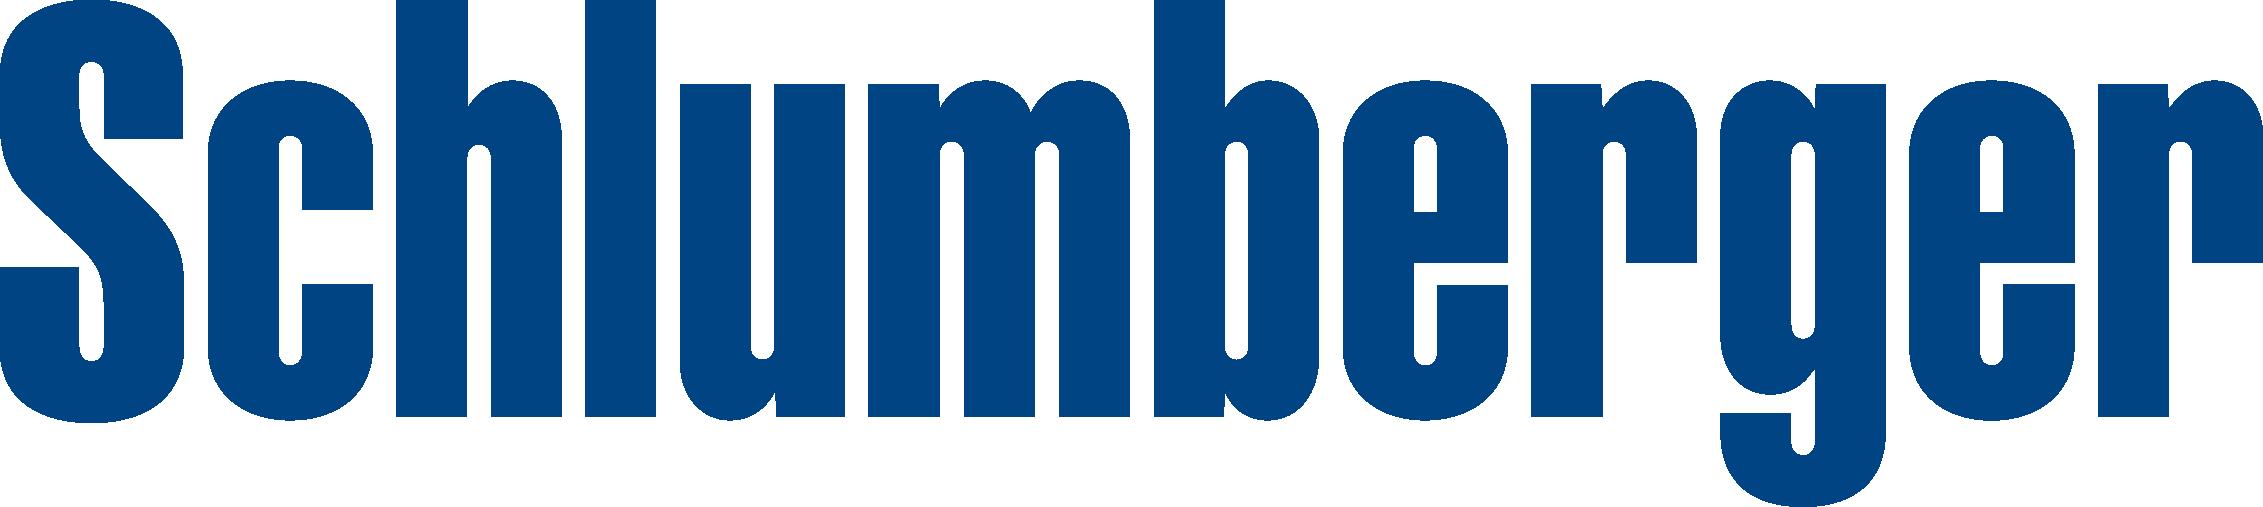 Schlum_logo_blue